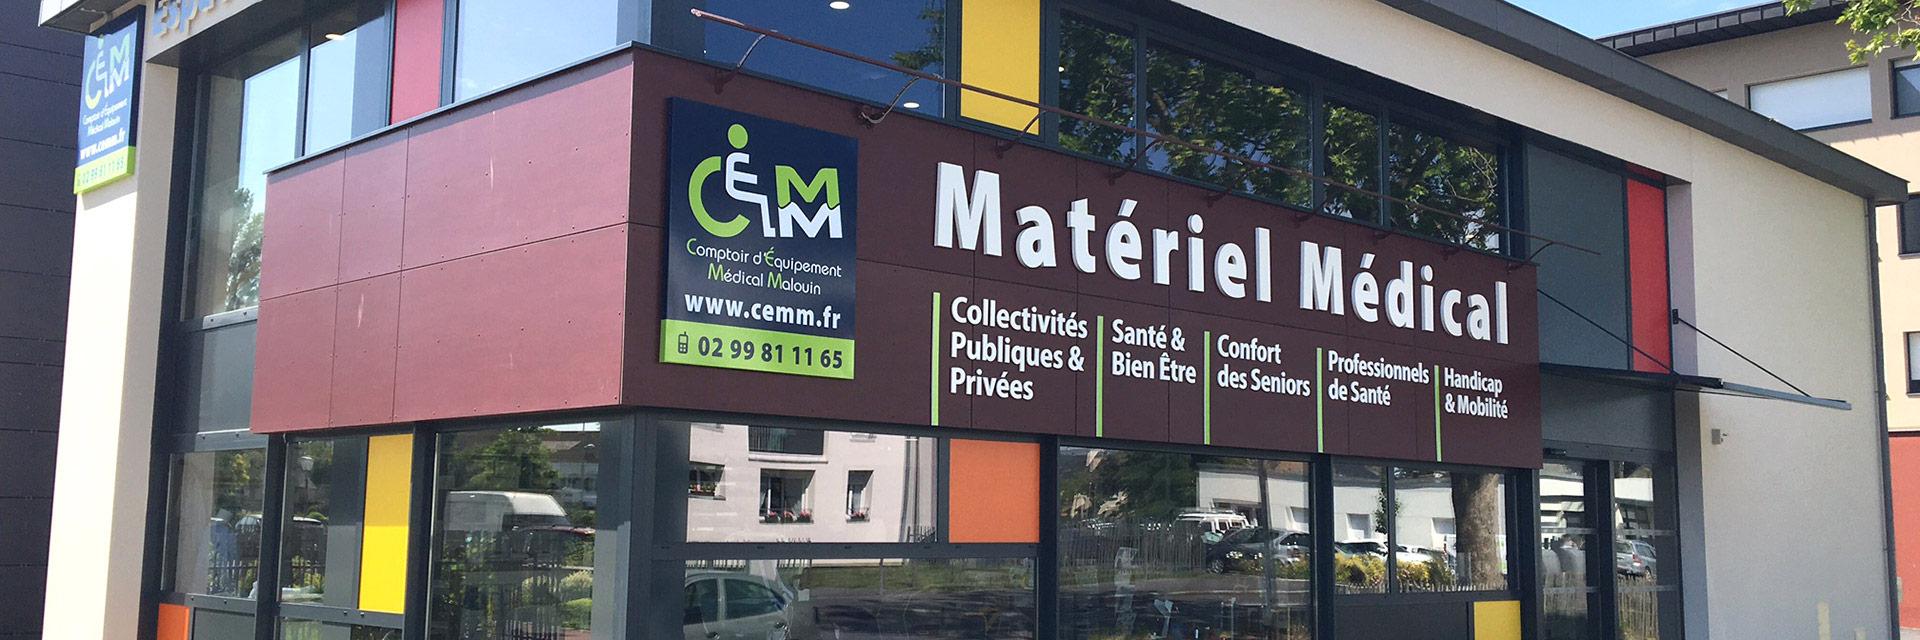 CEMM, magasin de matériel médical à Saint-Malo